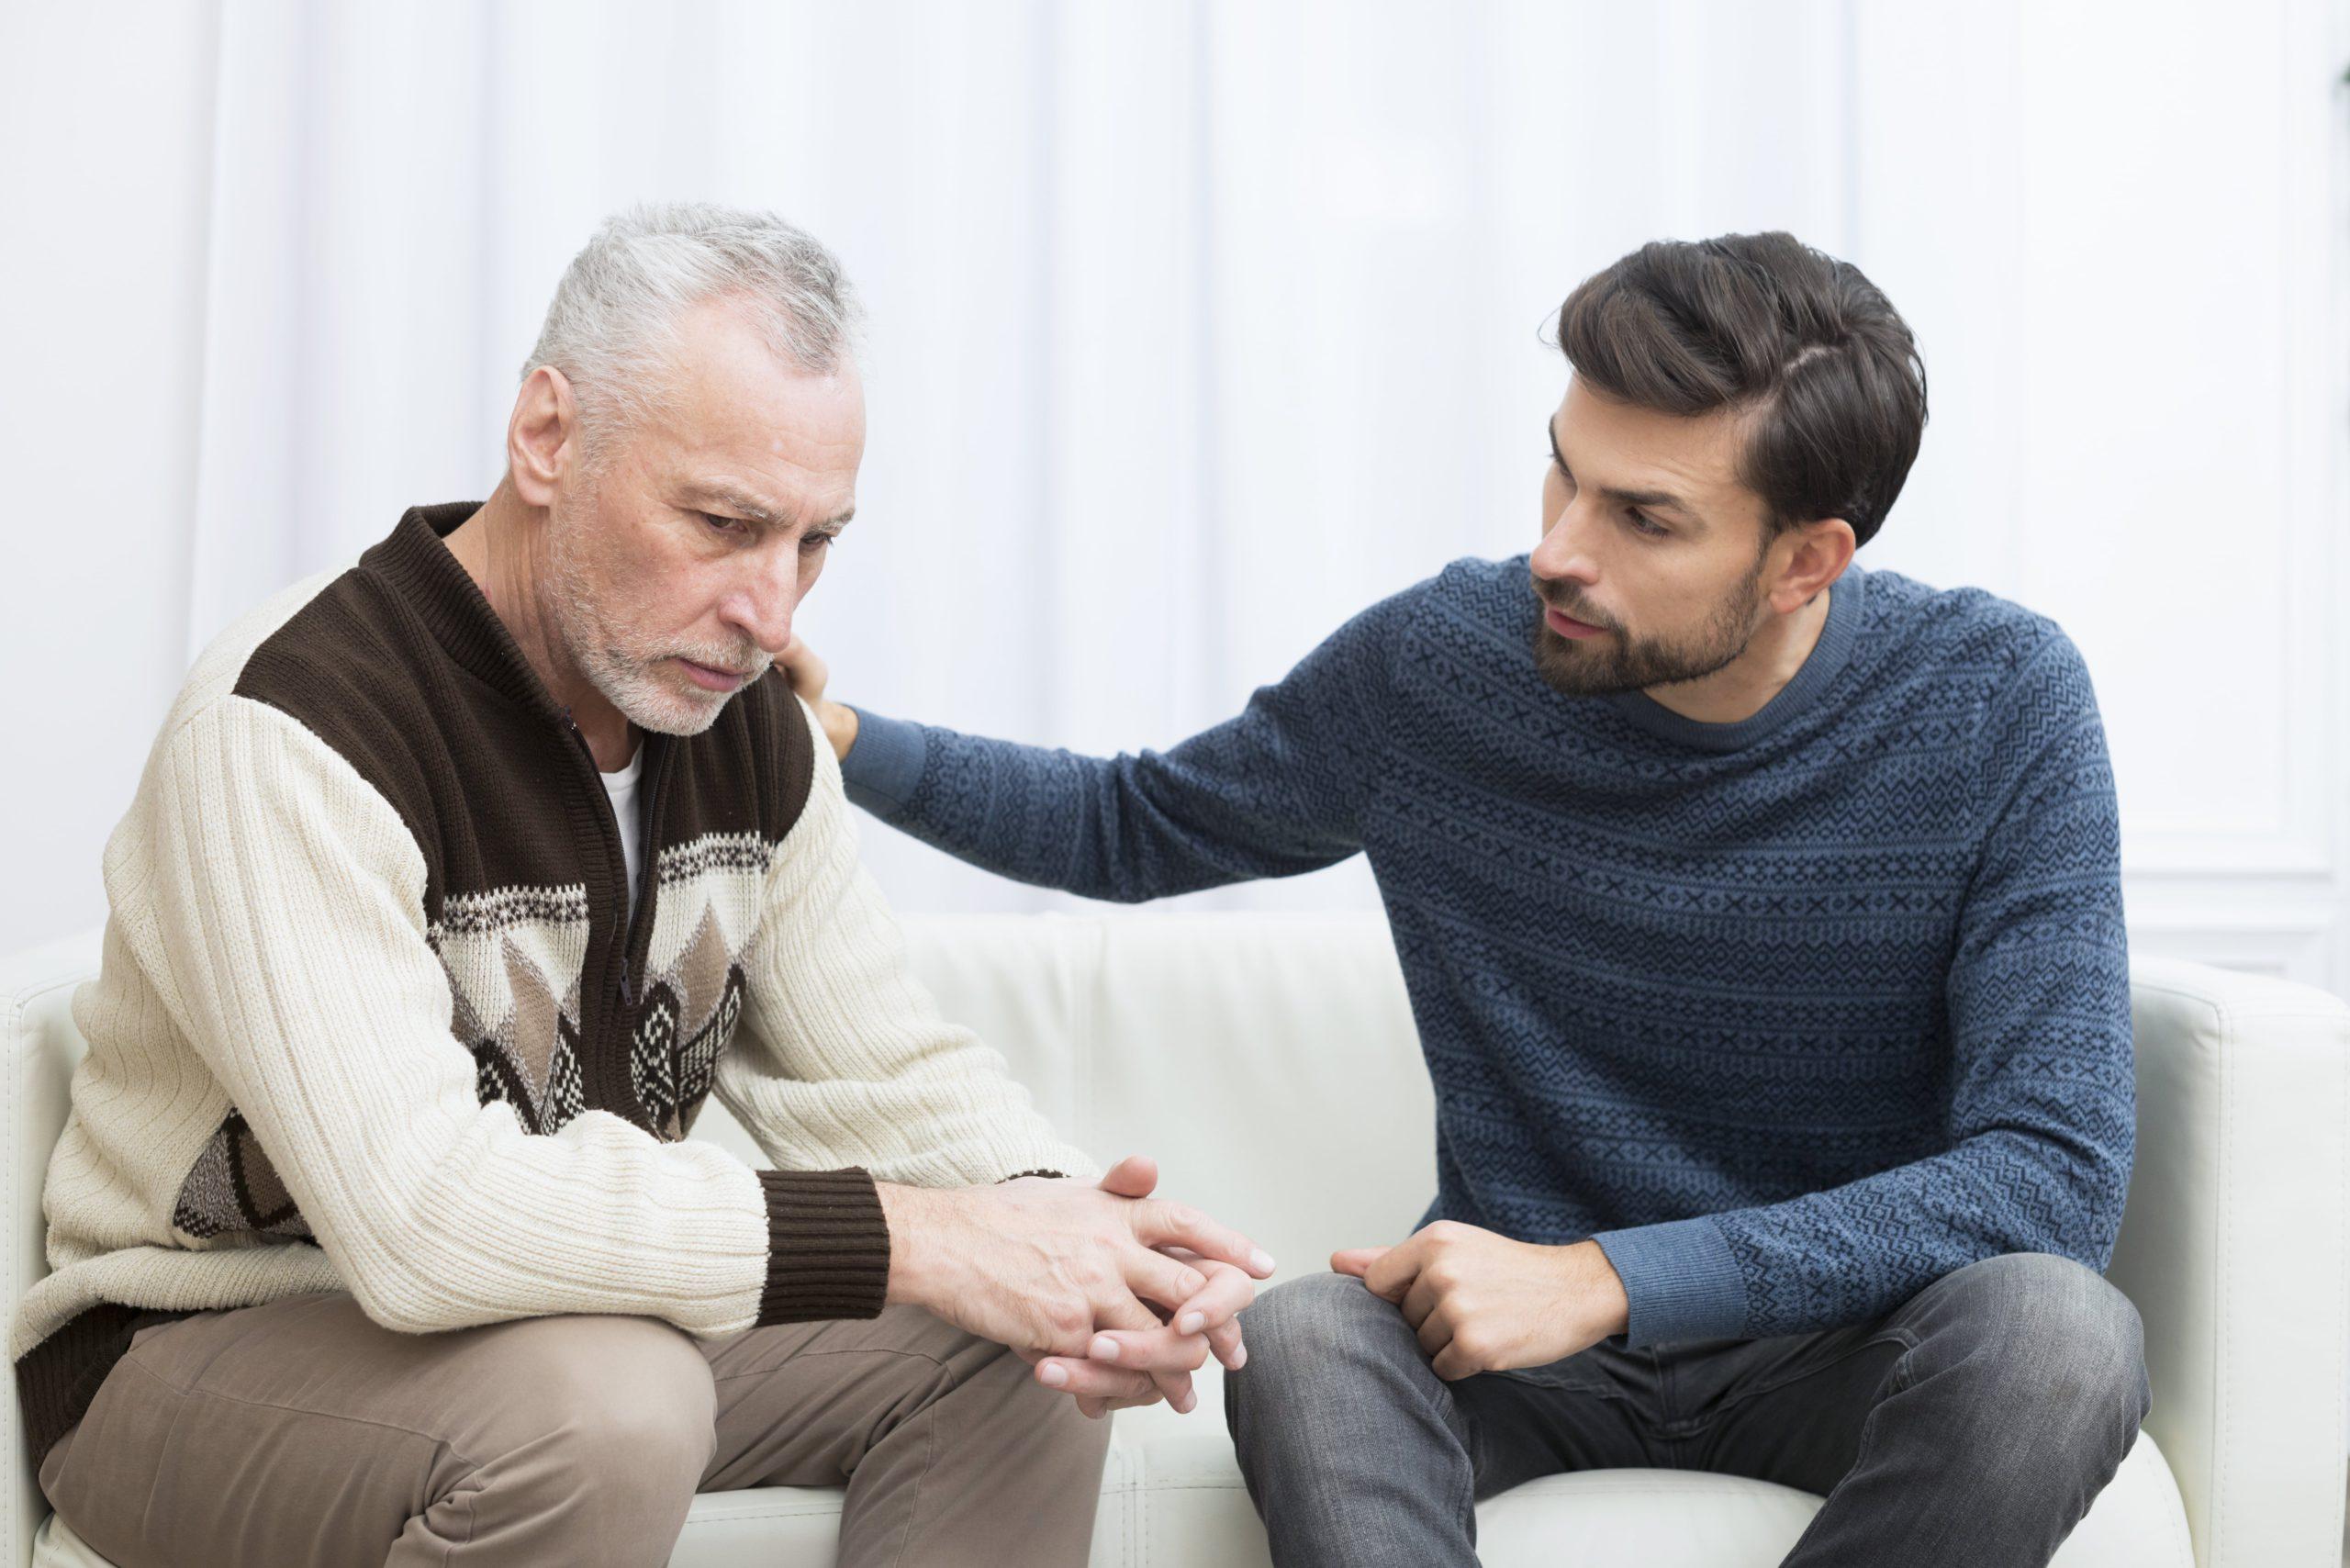 Idoso fica triste durante conversa com homem jovem